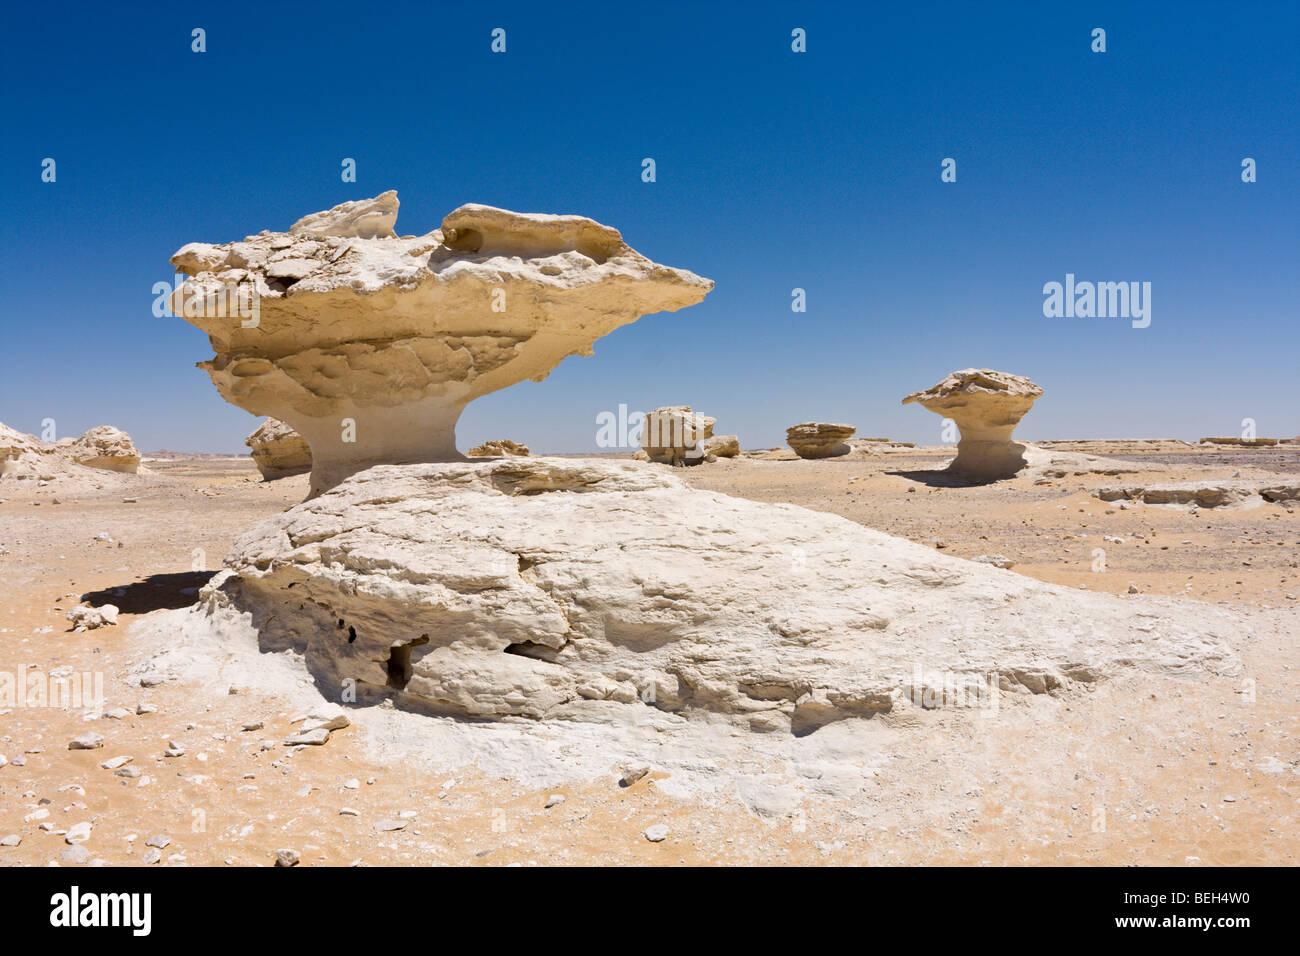 Rocks of Chalk Stone in White Desert National Park, Libyan Desert, Egypt - Stock Image